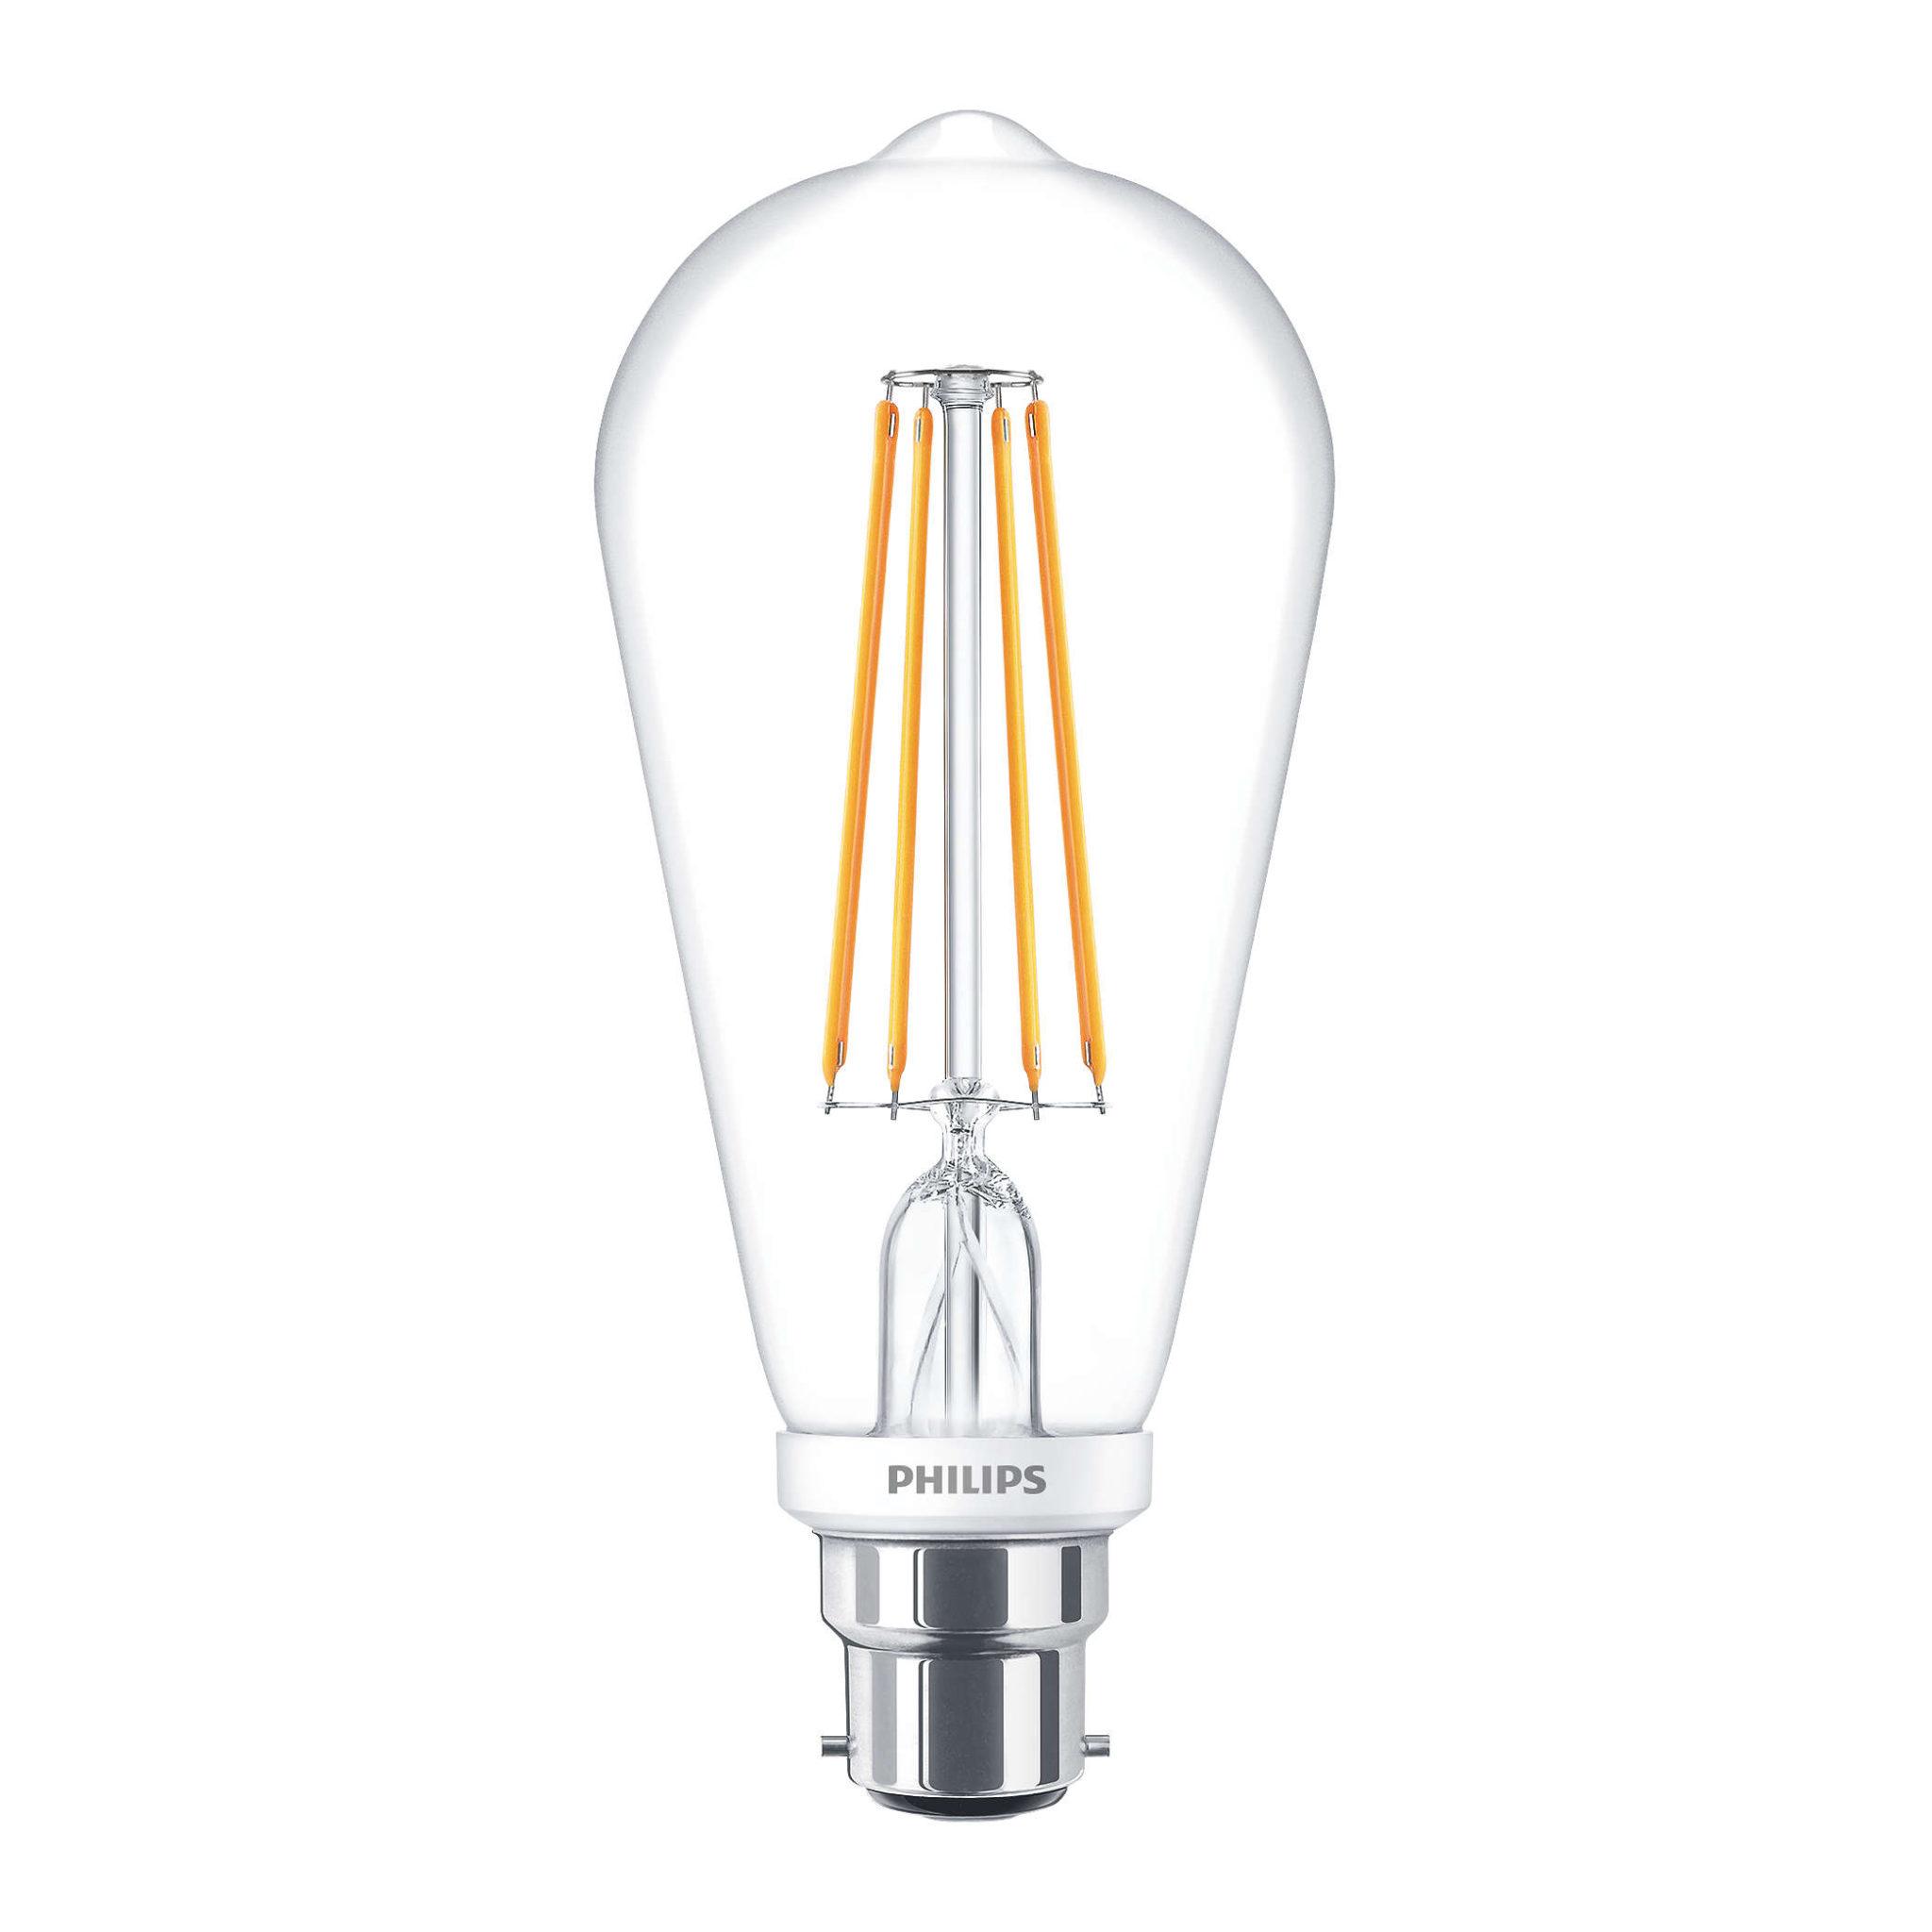 Philips Large Led Filament Bulb Clear St64 B22 7w K